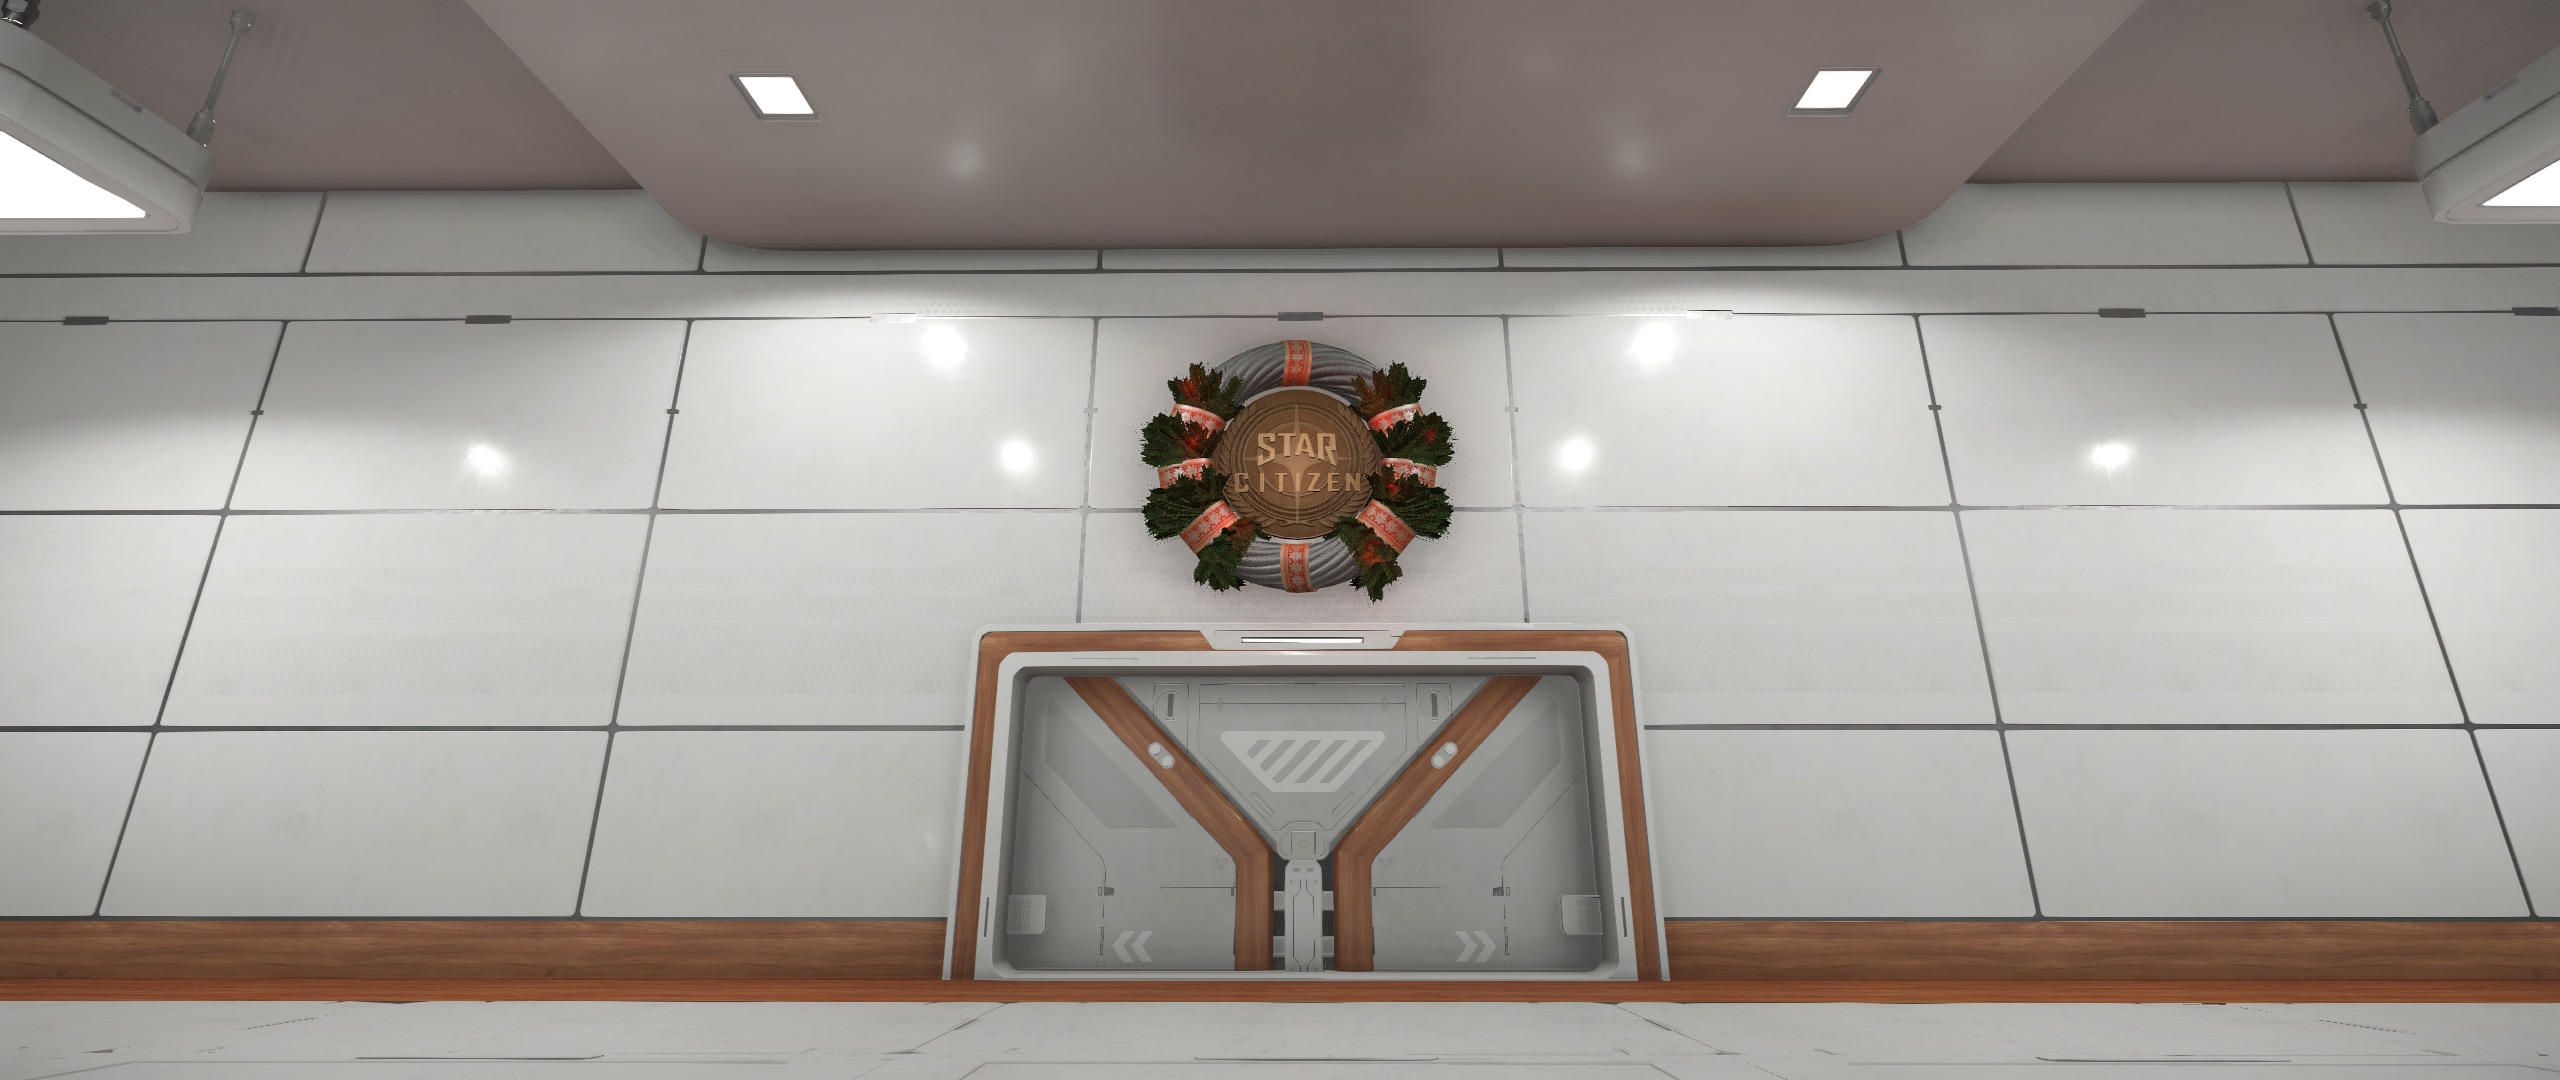 Świąteczne dekoracje w hangarze Revel & York